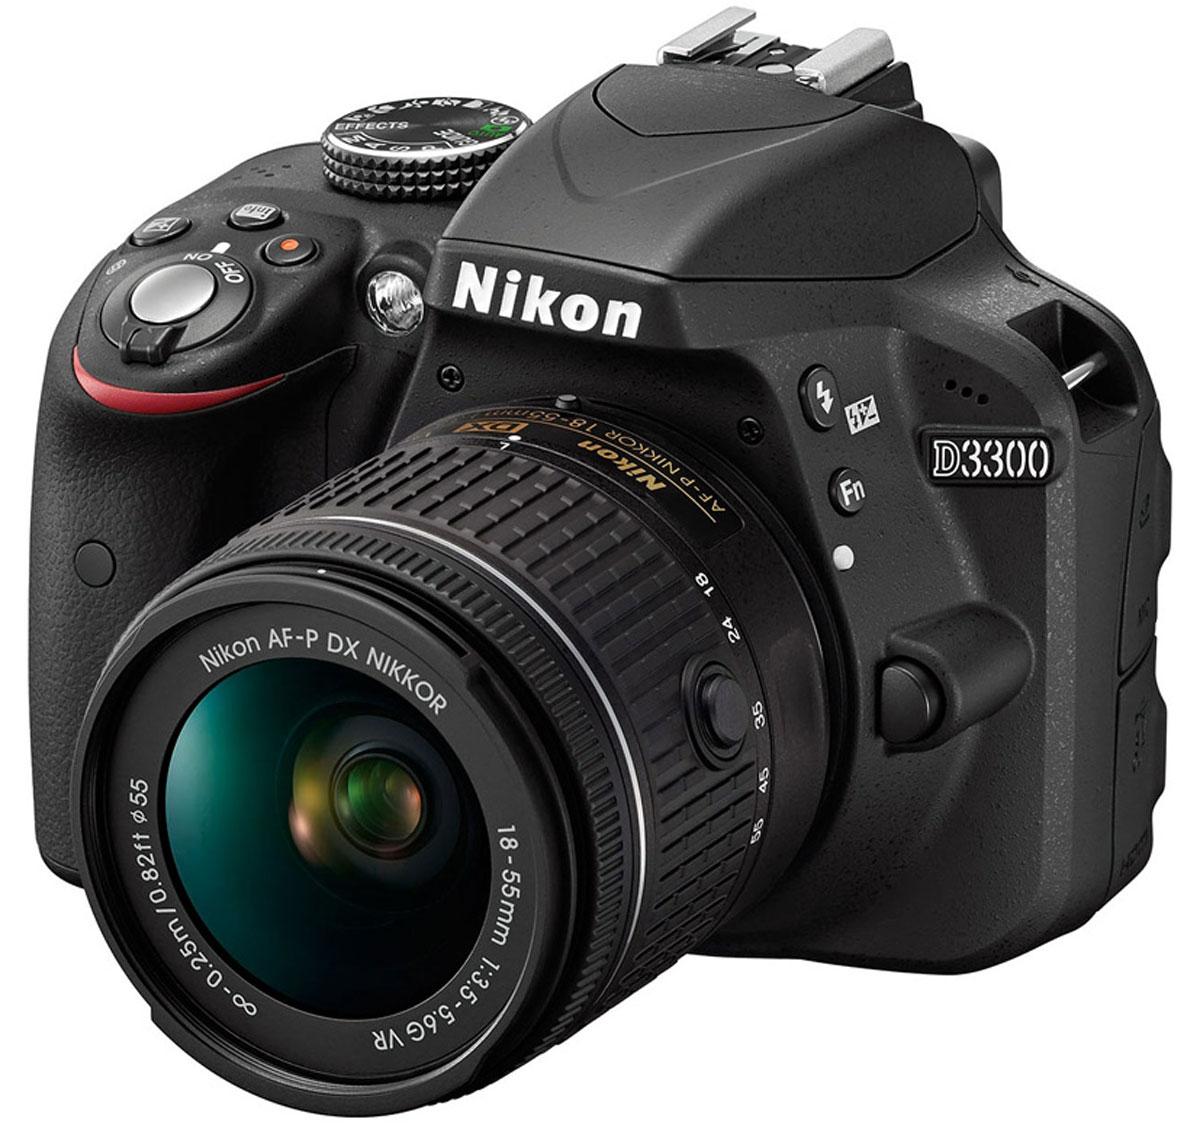 Nikon D3300 Kit 18-55 AF-P VR, Black цифровая зеркальная камераVBA390K008Мощная и простая в использовании цифровая зеркальная фотокамера Nikon D3300 с разрешением 24,2 мегапикселя имеет компактный корпус и небольшой вес. Ее удобно носить с собой, чтобы в нужный момент создавать незабываемые фотографии и видеоролики высокой четкости.Фотокамера D3300 оснащена матрицей с разрешением 24,2 млн пикселей, в конструкции которой не используется оптический низкочастотный фильтр (OLPF). Вы получите резкие и невероятно детализированные изображения даже при съемке текстур с мельчайшими деталями. Большая матрица способна запечатлеть мельчайшие детали с великолепной резкостью и демонстрирует превосходные результаты при слабом освещении. Диапазон значений от 100 до 12 800 единиц ISO (с возможностью расширения до эквивалента 25 600 единиц) позволяет передать все детали при съемке в темноте.В фотокамере Nikon D3300 на выбор предлагаются 13 эффектов, которые позволяют с легкостью создавать художественные фотографии и видеоролики. Просто выберите режим эффектов, укажите параметр, который вы хотите применить, и затем снимайте. Воспользуйтесь фильтром Поп, чтобы сделать цвета более яркими и насыщенными, или фильтром Эффект игрушечной камеры, чтобы создать снимки в стиле ретро. А режим Простая панорама позволит вам запечатлеть все, что вы видите вокруг.Не имеет значения, насколько быстро или хаотично движутся объекты - благодаря фотокамере D3300 они всегда попадут в фокус. Невероятно точная 11-точечная система автофокусировки с датчиком перекрестного типа в центре обеспечивает быструю фокусировку на нужном объекте с последующим ее сохранением в случае перемещения объекта от центра или его быстрого либо непредсказуемого движения.Фотокамера оснащена функцией D-видео, позволяющей снимать видеоролики, которыми можно гордиться. Можно записывать видеоклипы стандарта Full HD (1080p) с хорошей резкостью и частотой кадров до 50p/60p, используя непрерывную автофокусировку. При этом получаются плавн